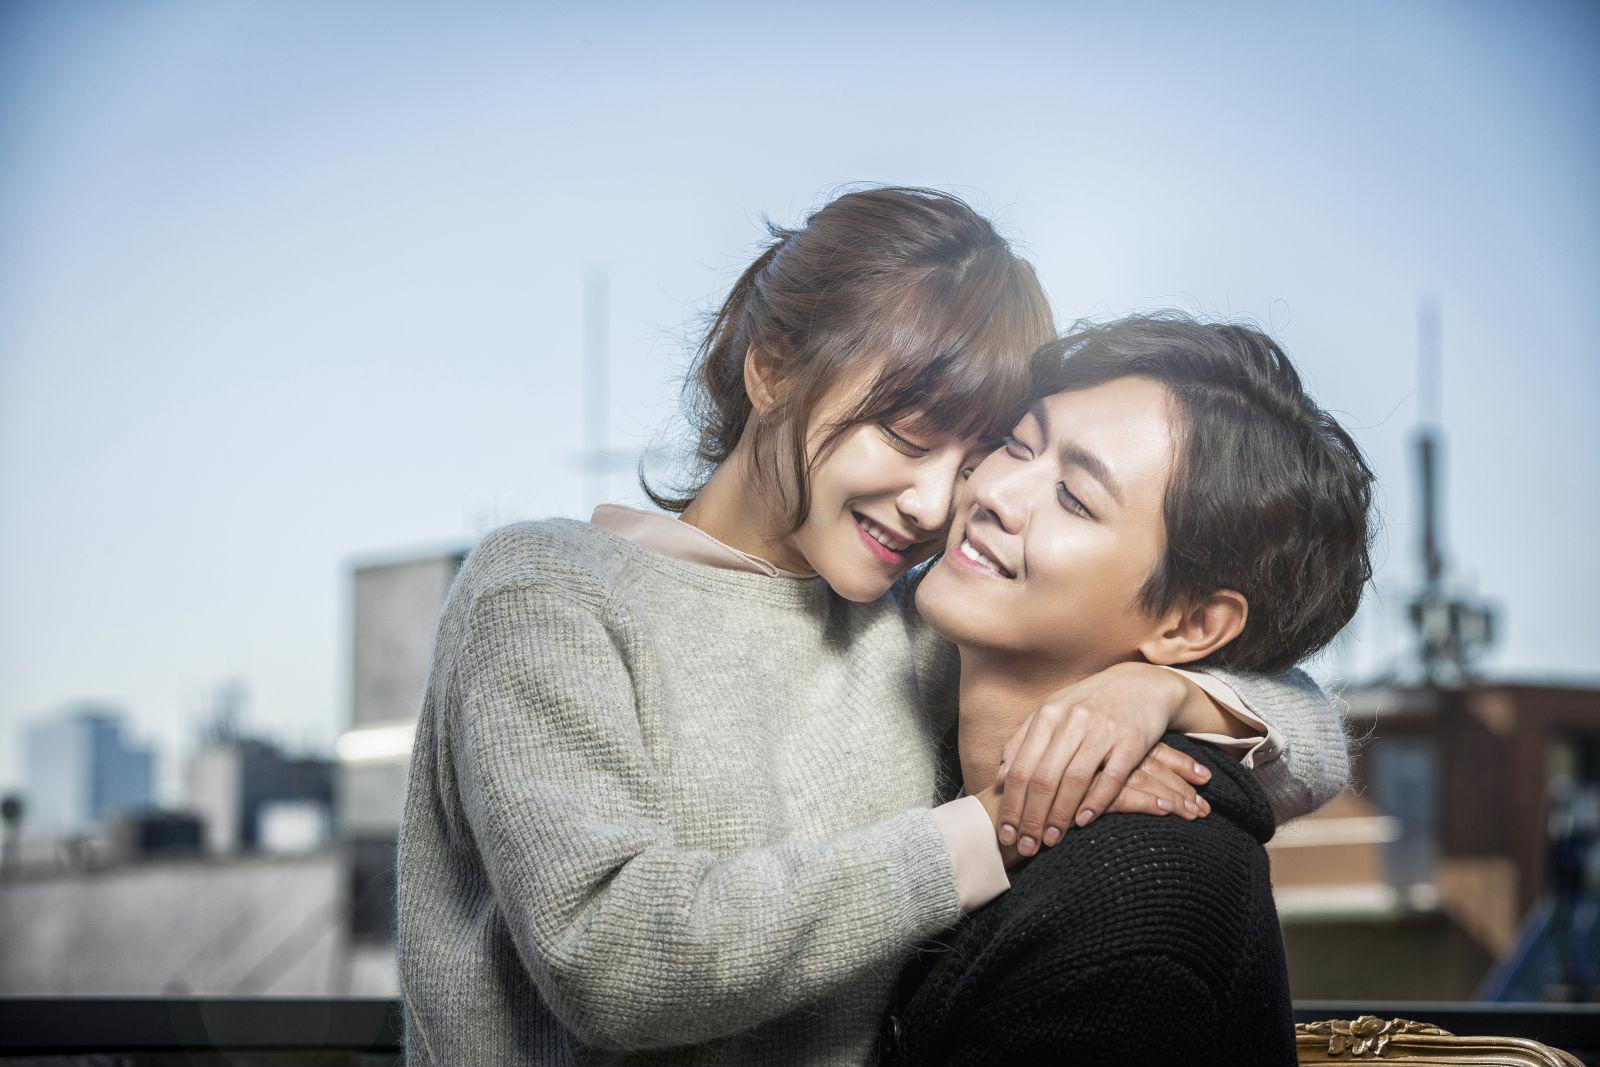 7 Dấu hiệu để nhận biết kiểu đàn ông chung thủy tuyệt đối trong tình yêu